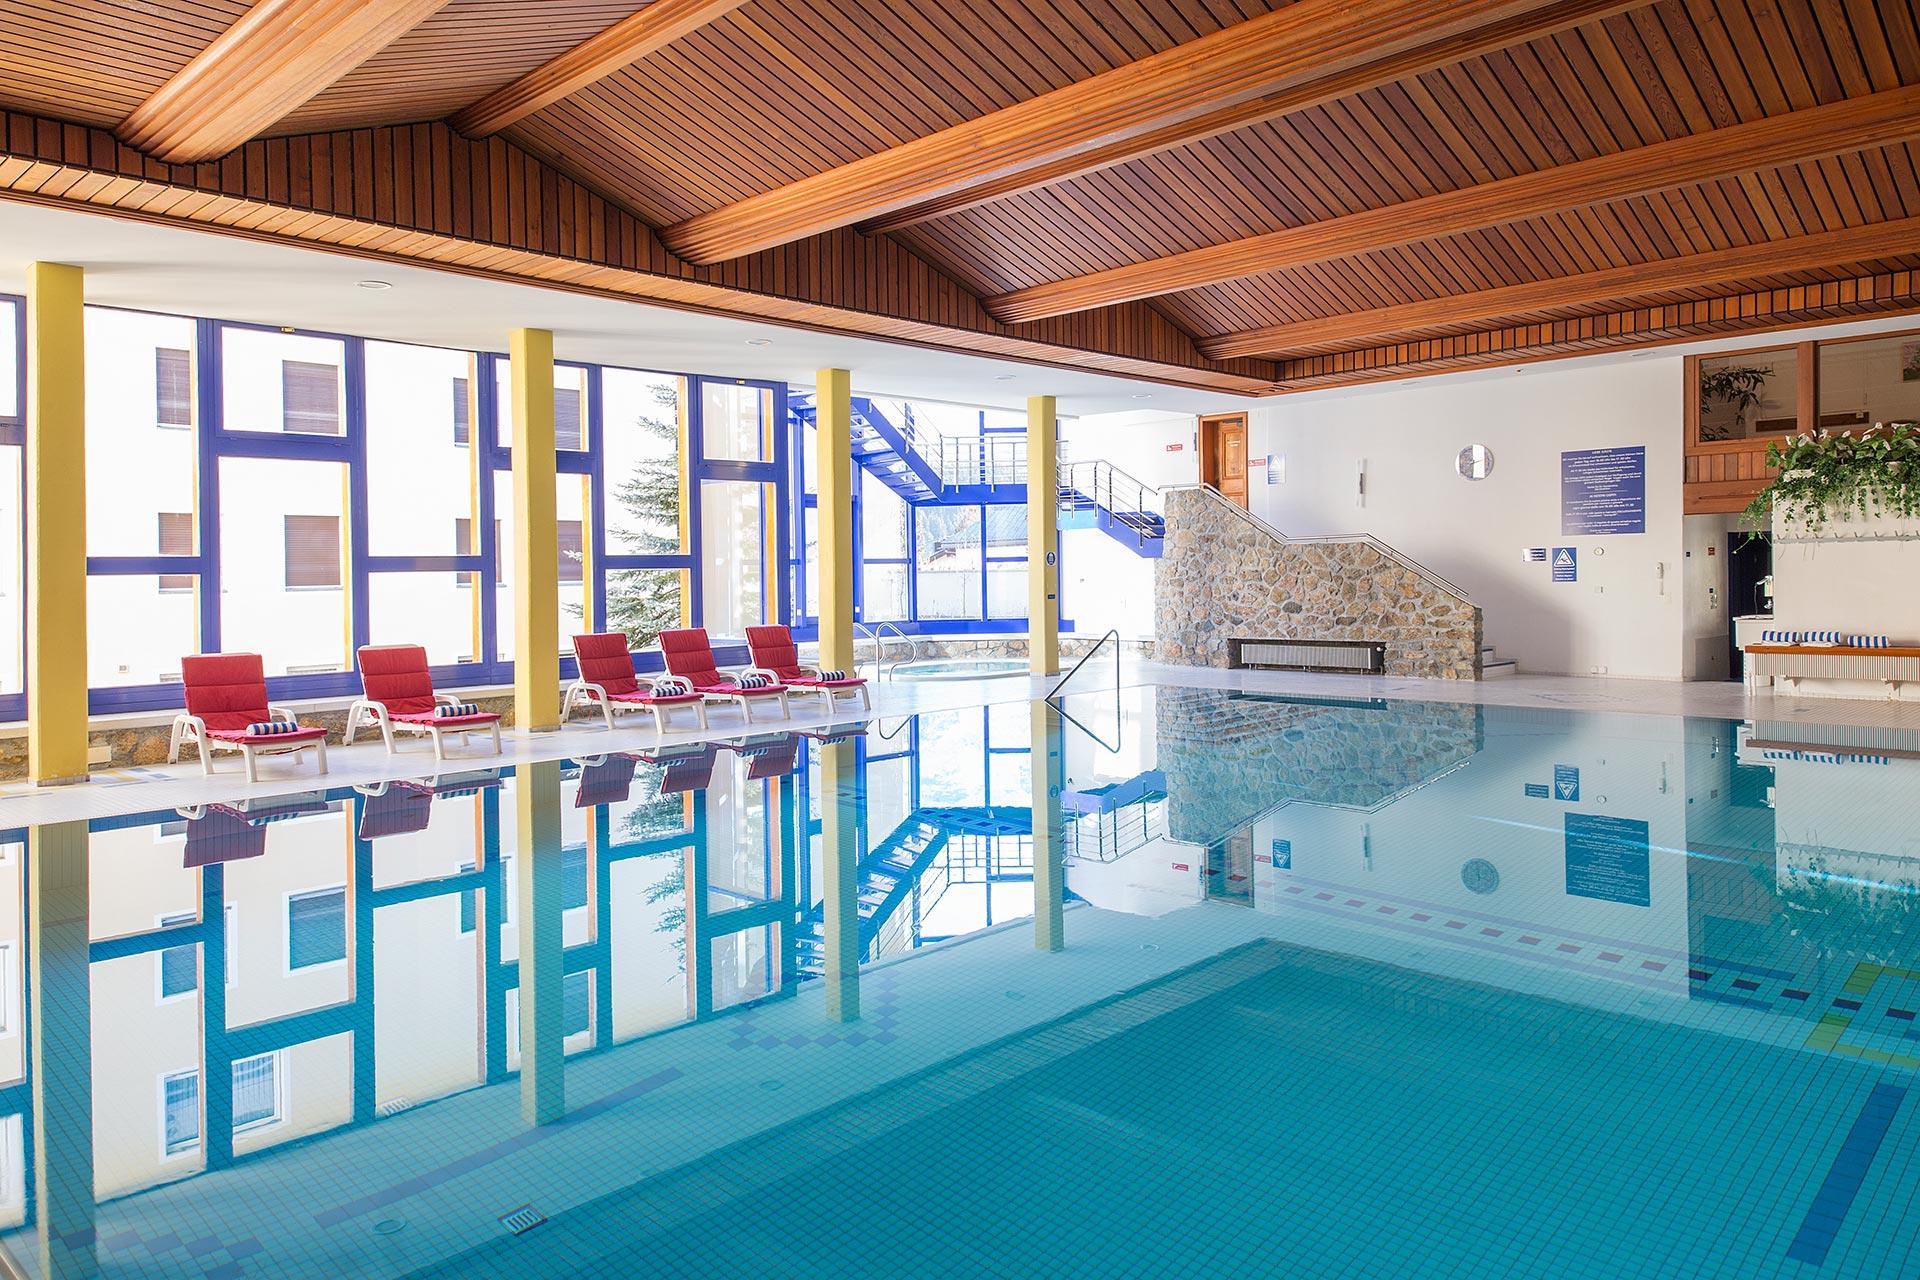 Piscina al coperto centro benessere hotel europa st for Costo piscina coperta al coperto